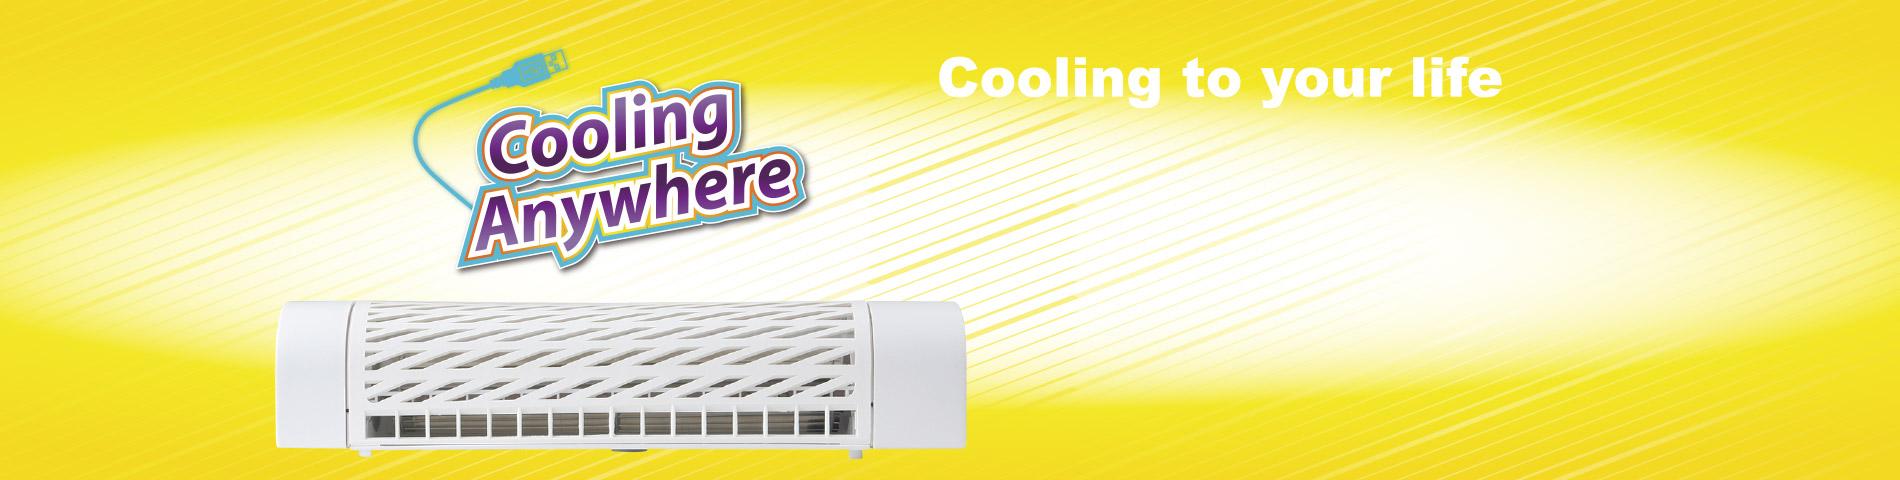 Ventilador de enfriamiento en cualquier lugar Para una mejor vida fresca